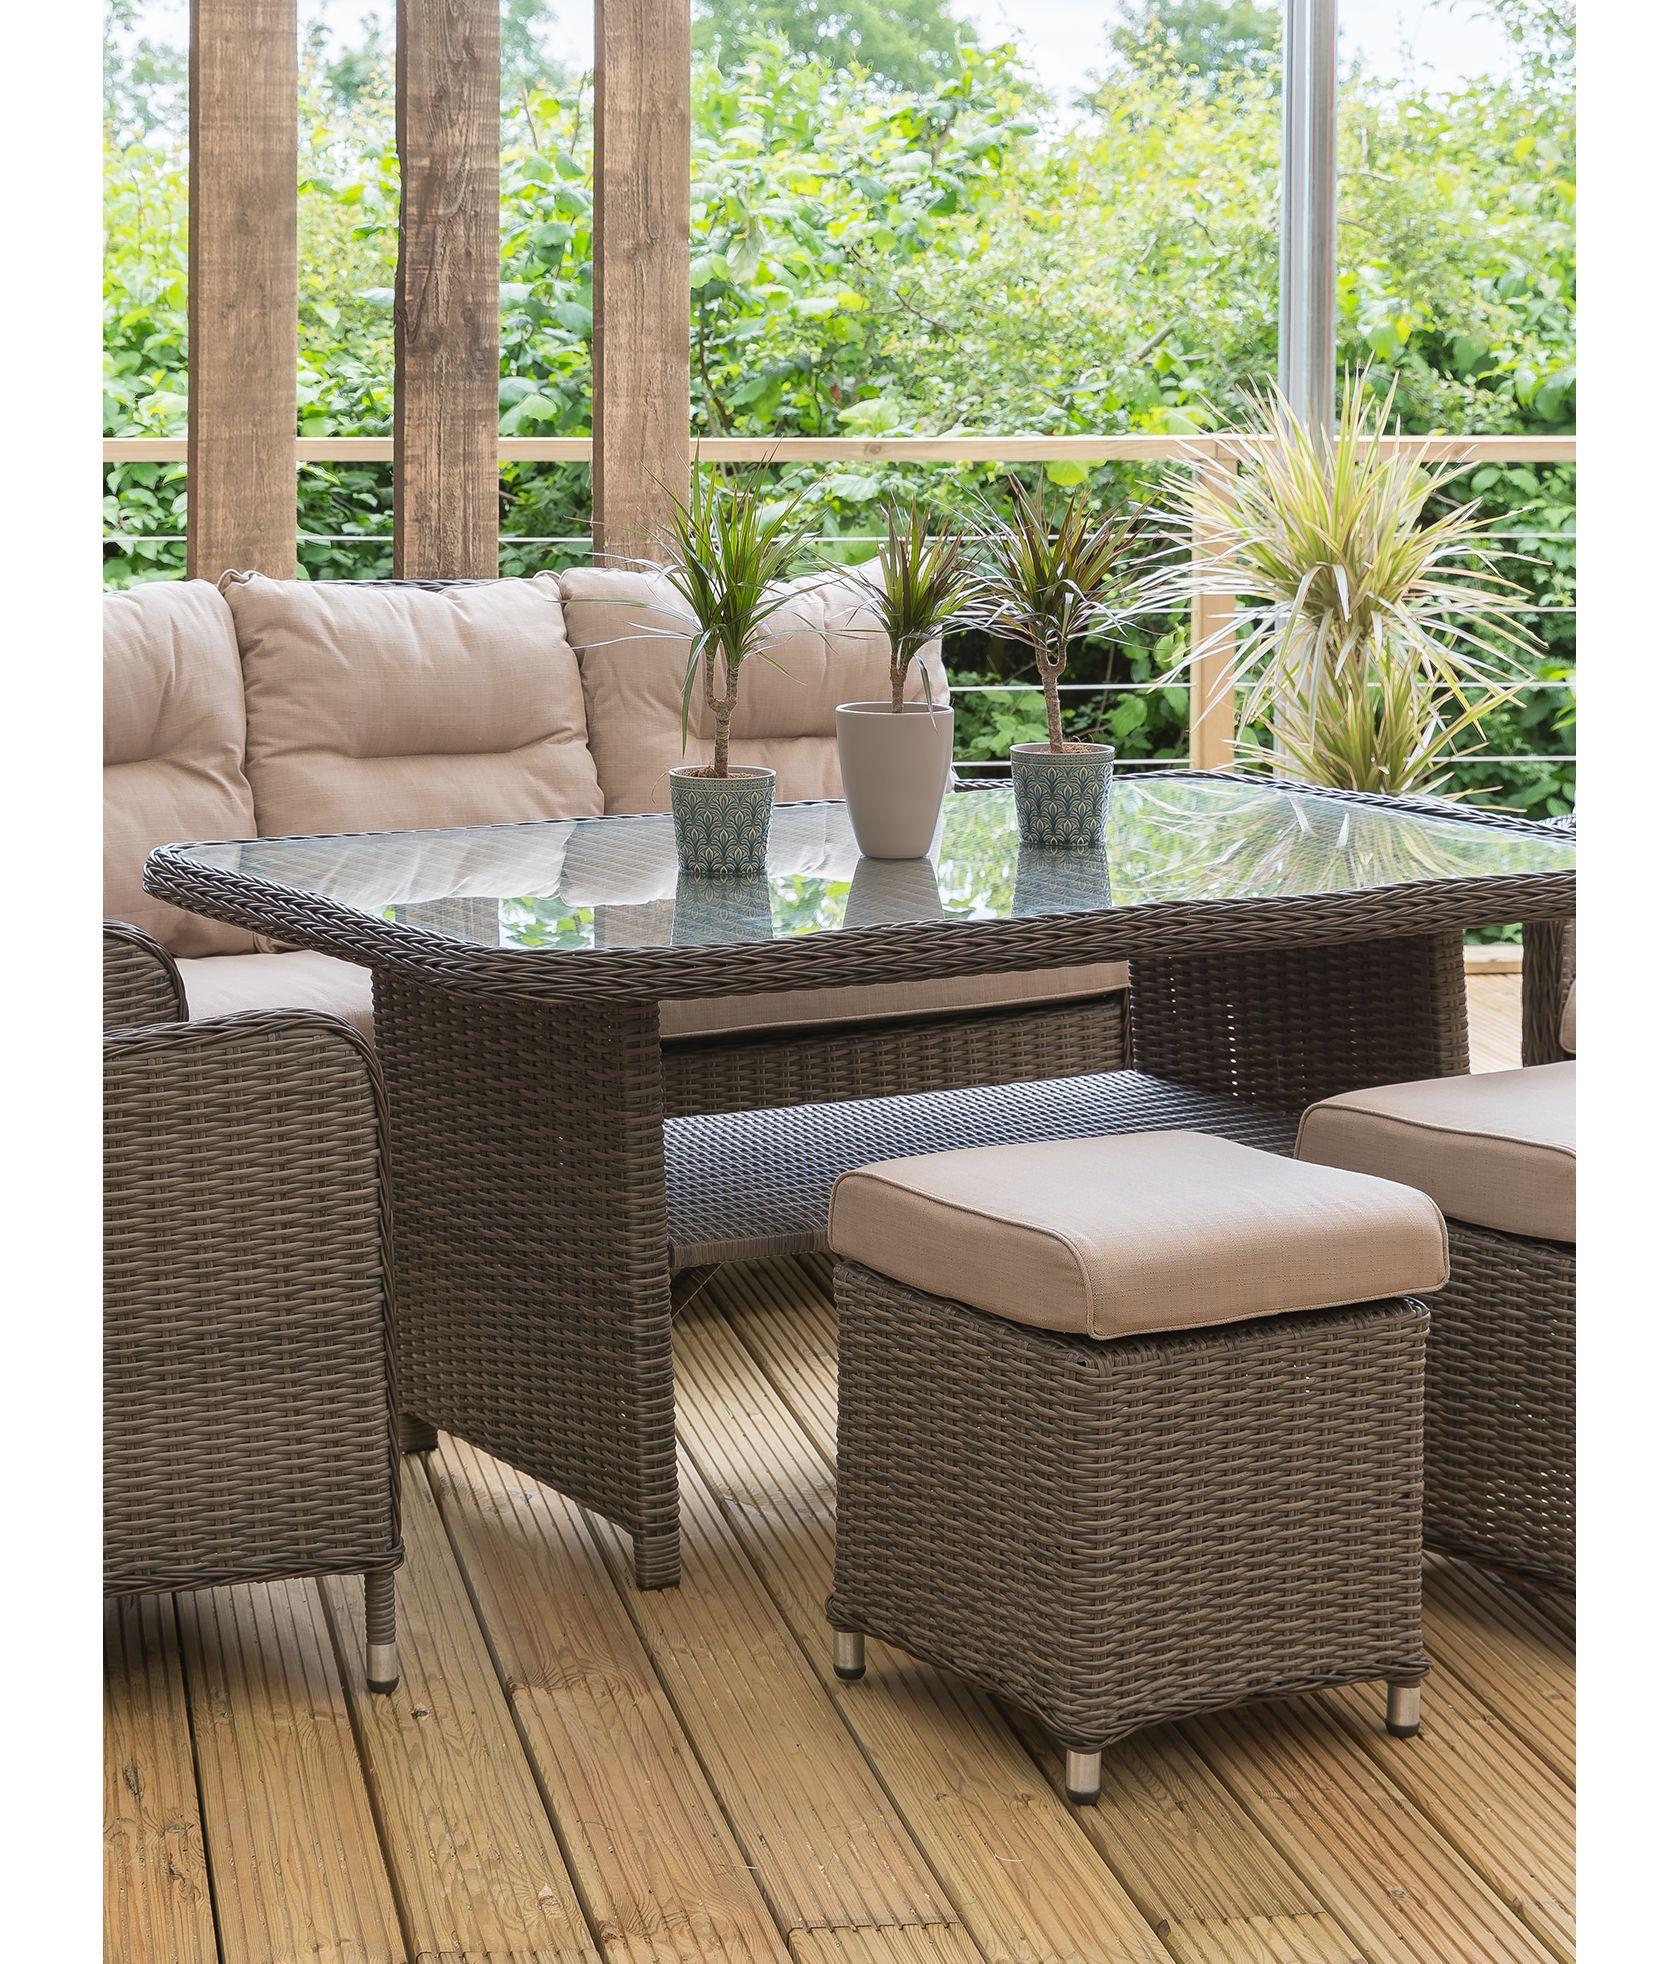 Lg outdoor saigon outdoor furniture at john lewis partners